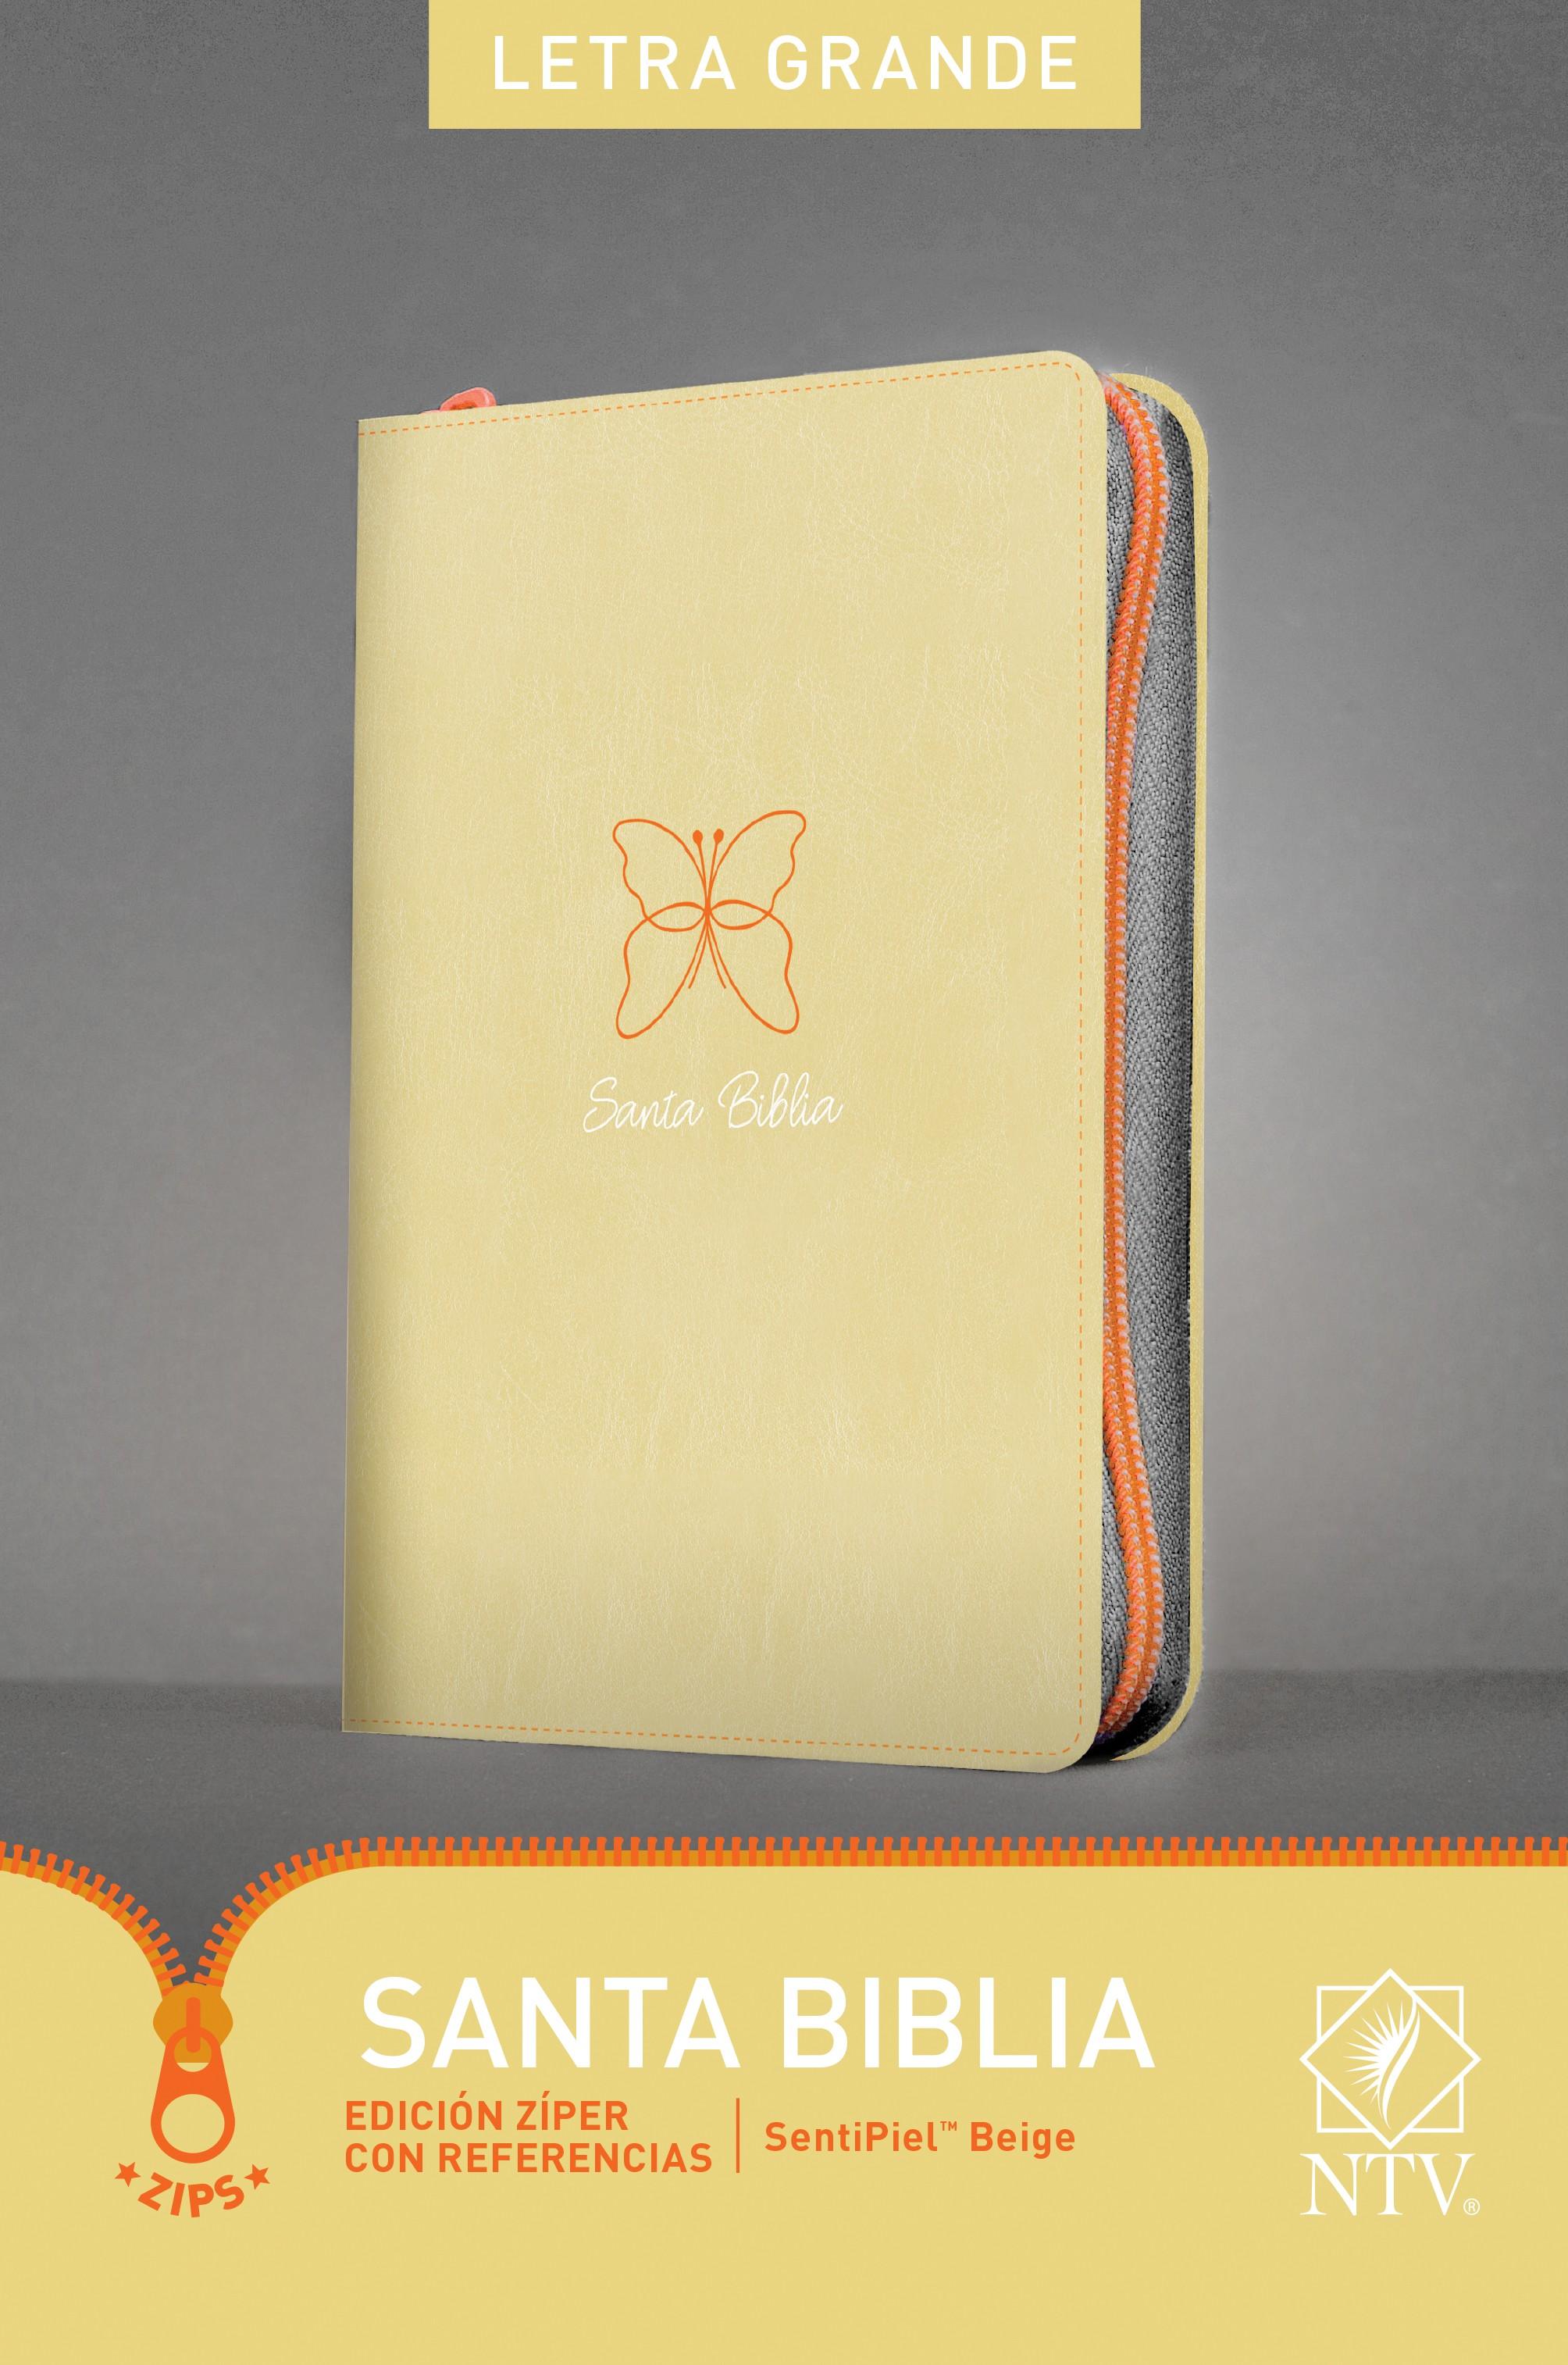 Santa Biblia NTV, Edición zíper con referencias, letra grande (Letra Roja, SentiPiel, Beige)